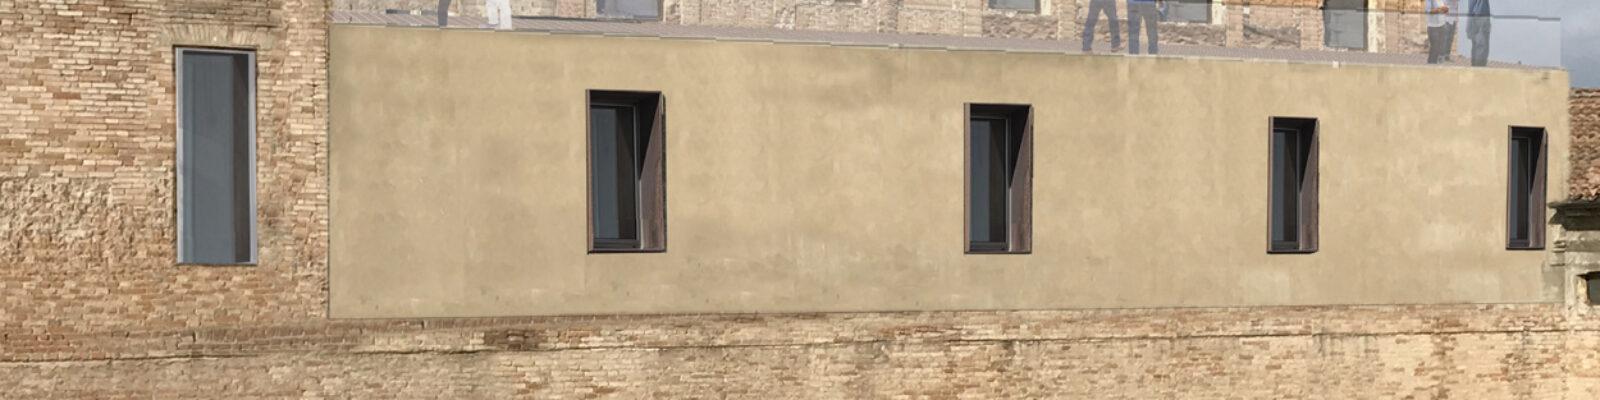 Rendering dell'intervento architettonico